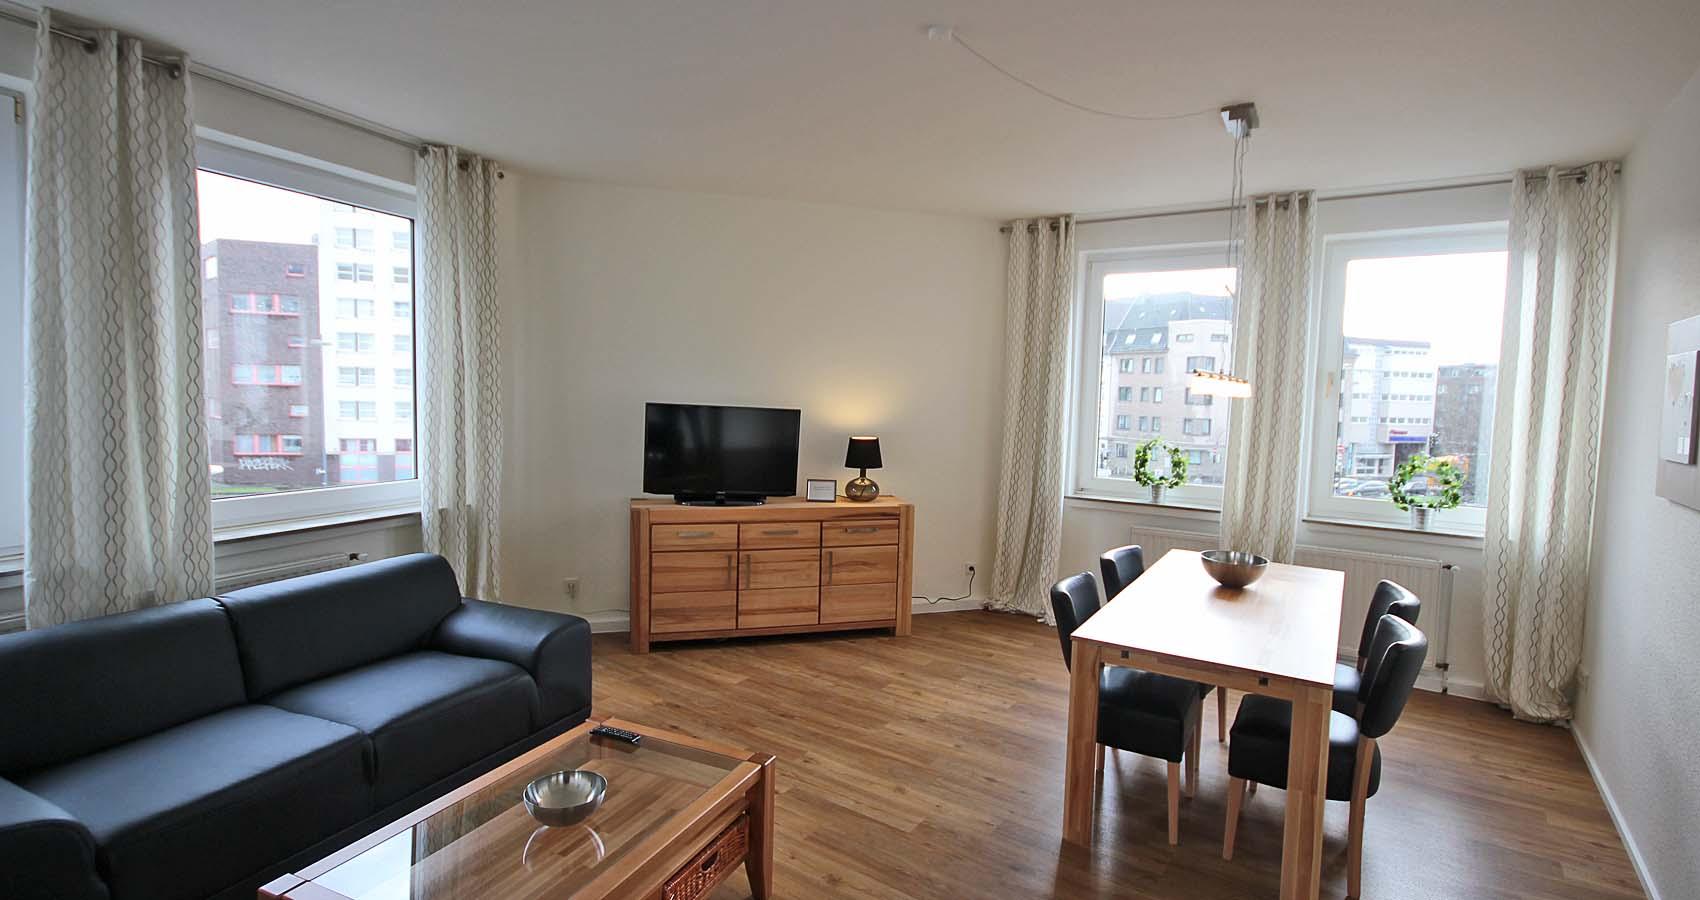 M nsterstra e 105 2 og rechts wohnen auf zeit in dortmund - Wohnzimmer dortmund ...